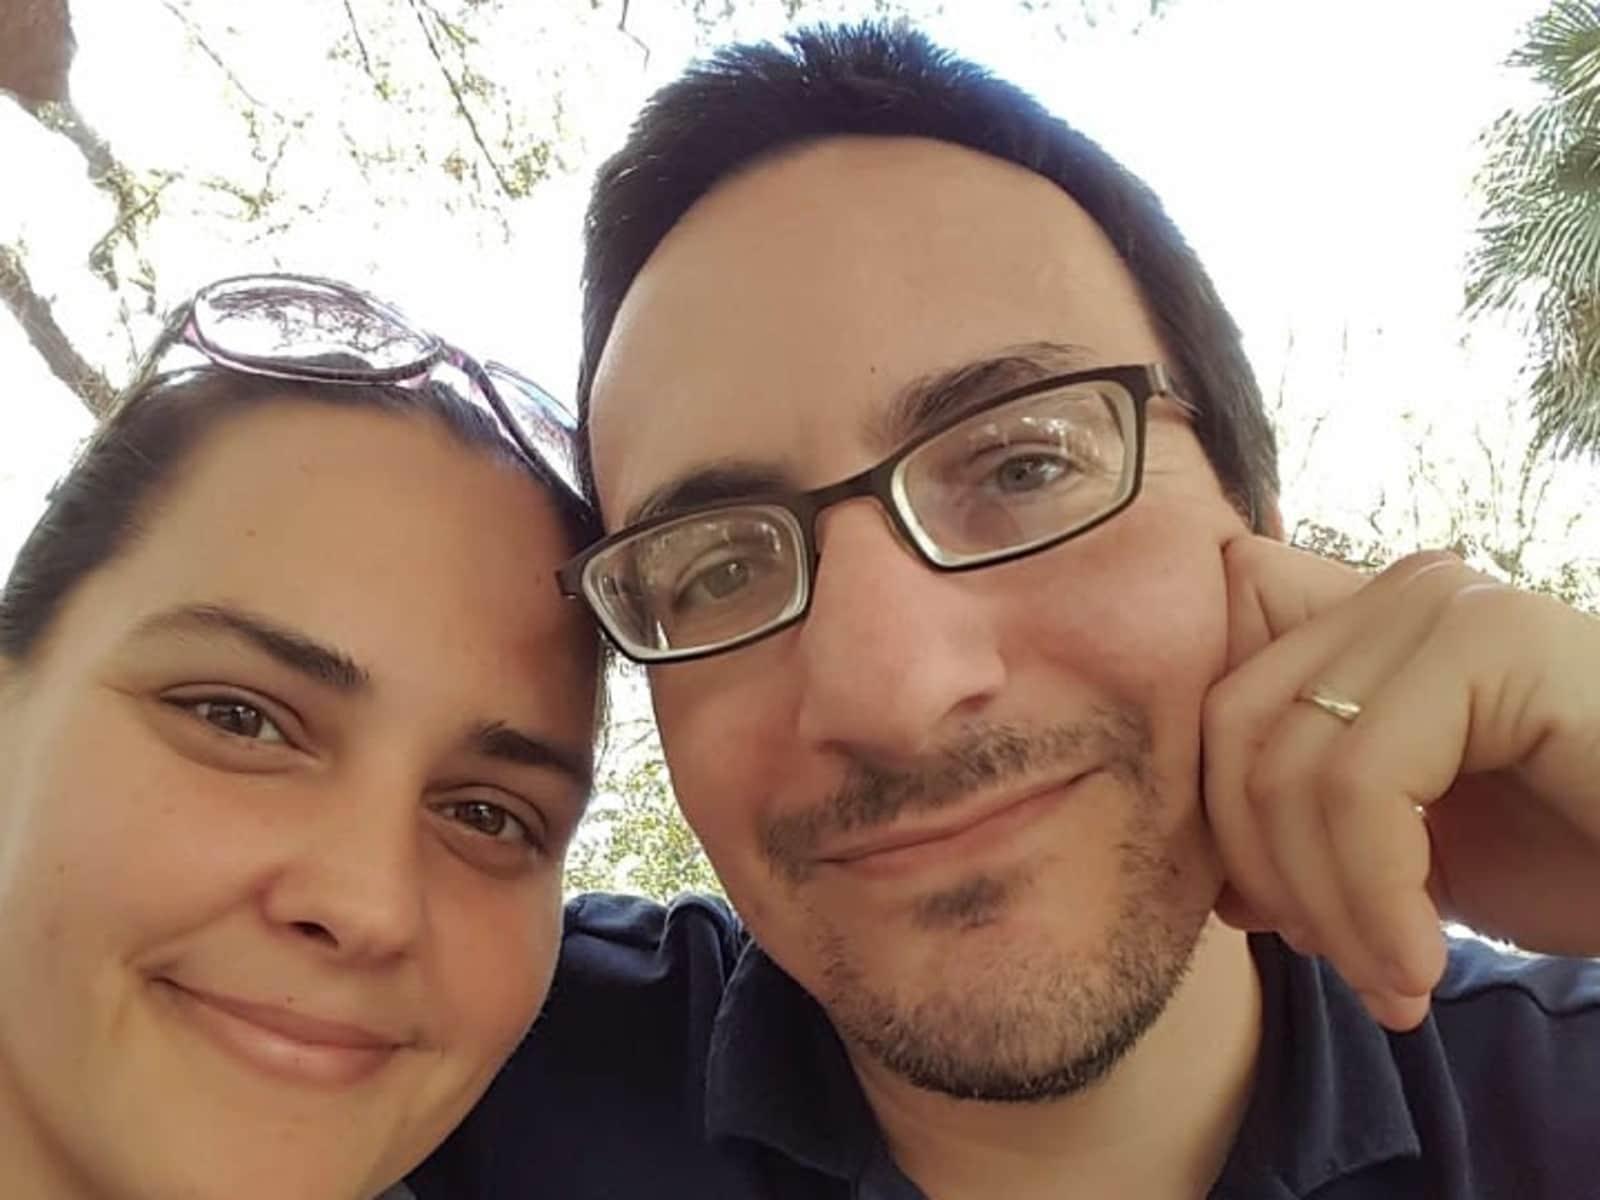 Elizabeth & Chris from Marianna, Florida, United States